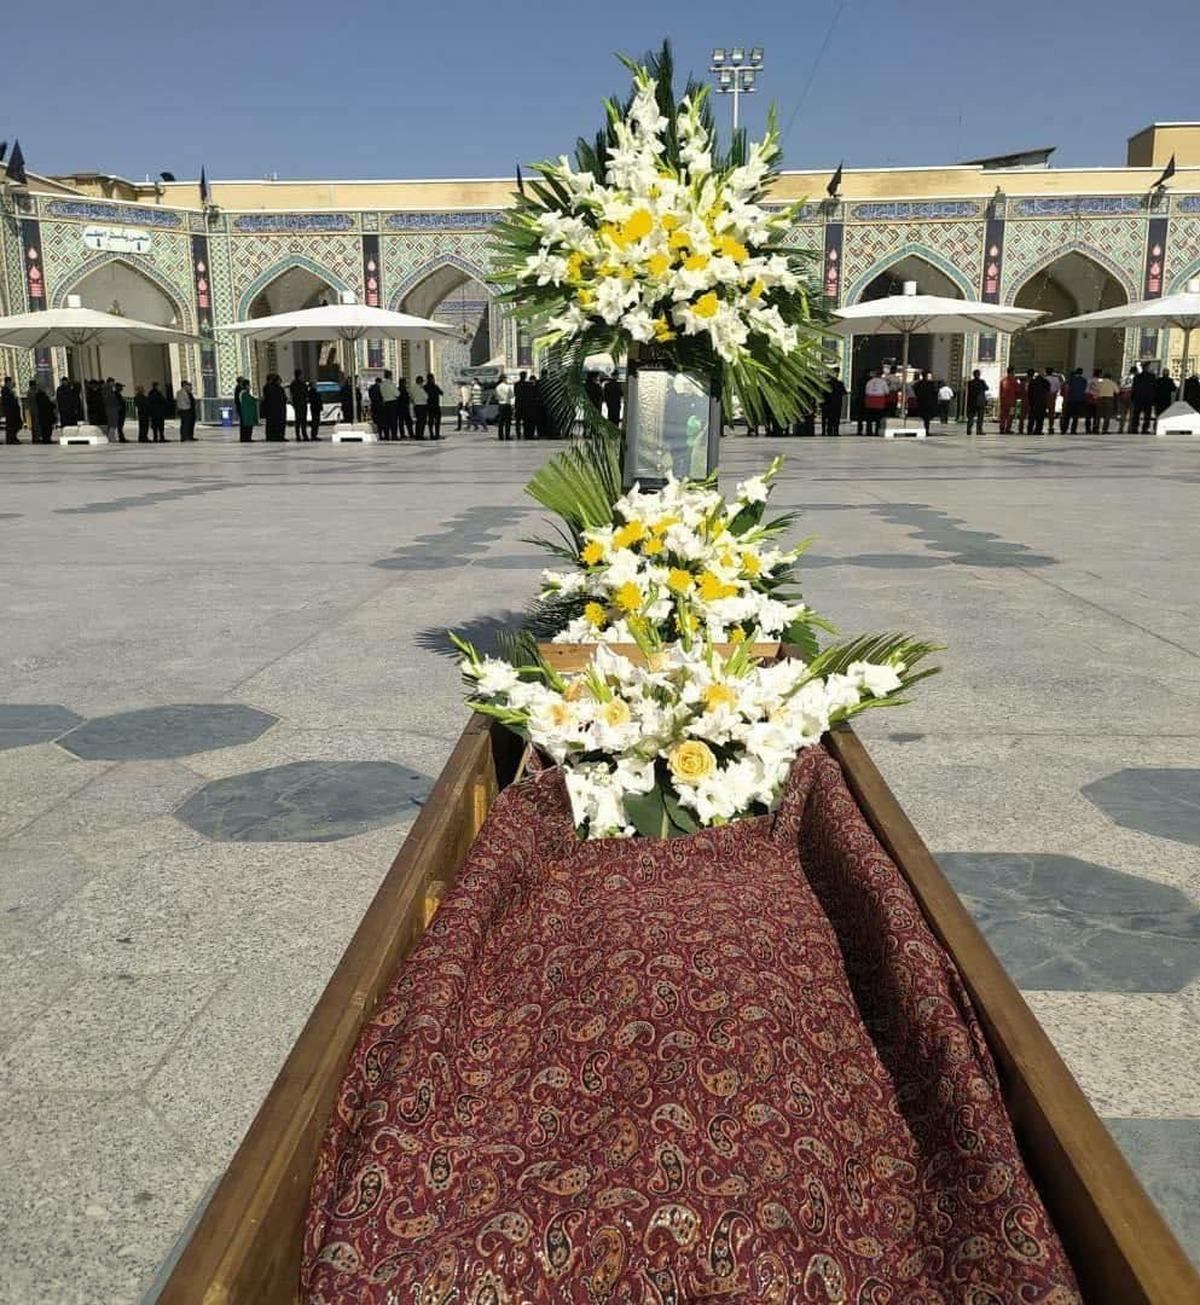 هم اکنون    تشییع پیکر مرحوم محمد خجسته باقرزاده، برادر همسر رهبر انقلاب در حرم امام رضا(ع)